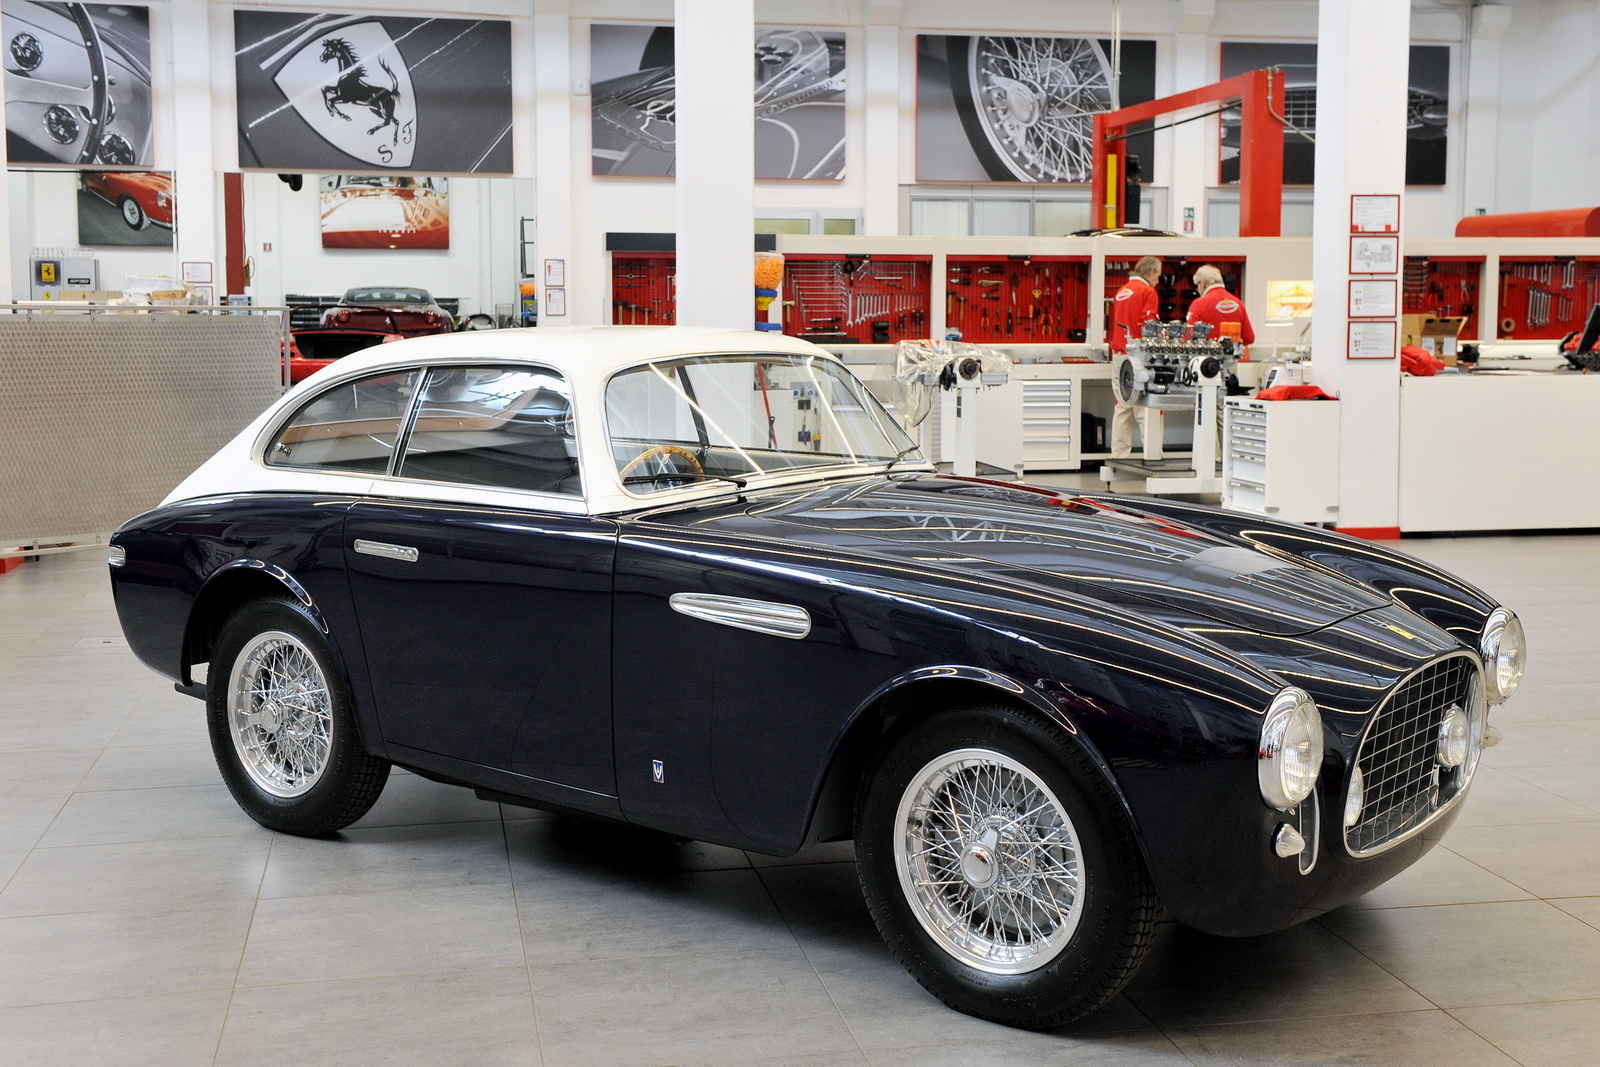 Ferrari 225E 1952 phục hồi được là một kỳ tích, vì nó dường như chỉ còn bộ khung khi cháy